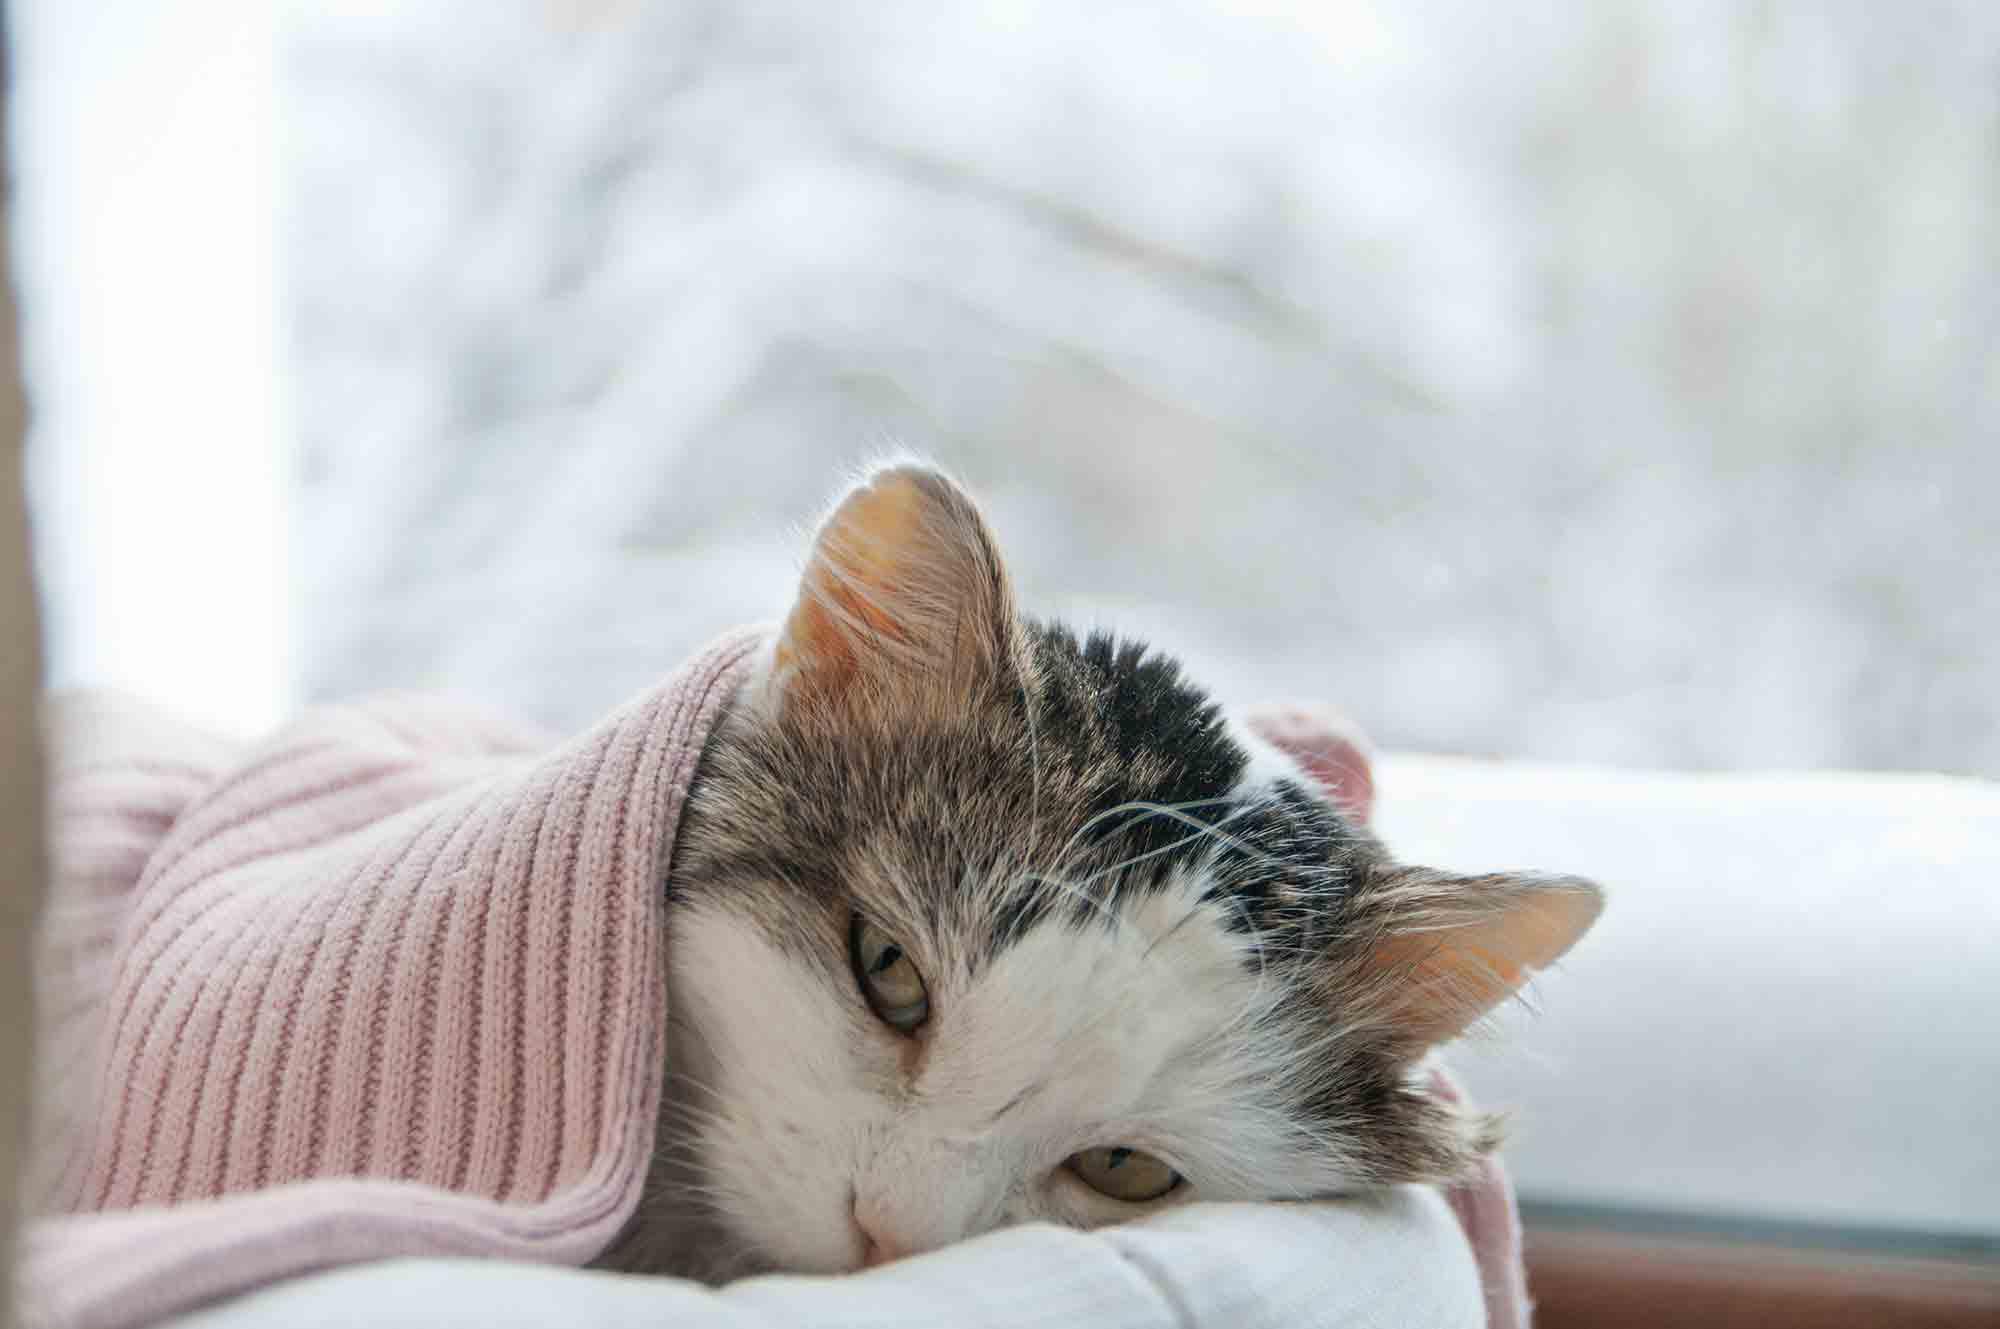 FIP in cats